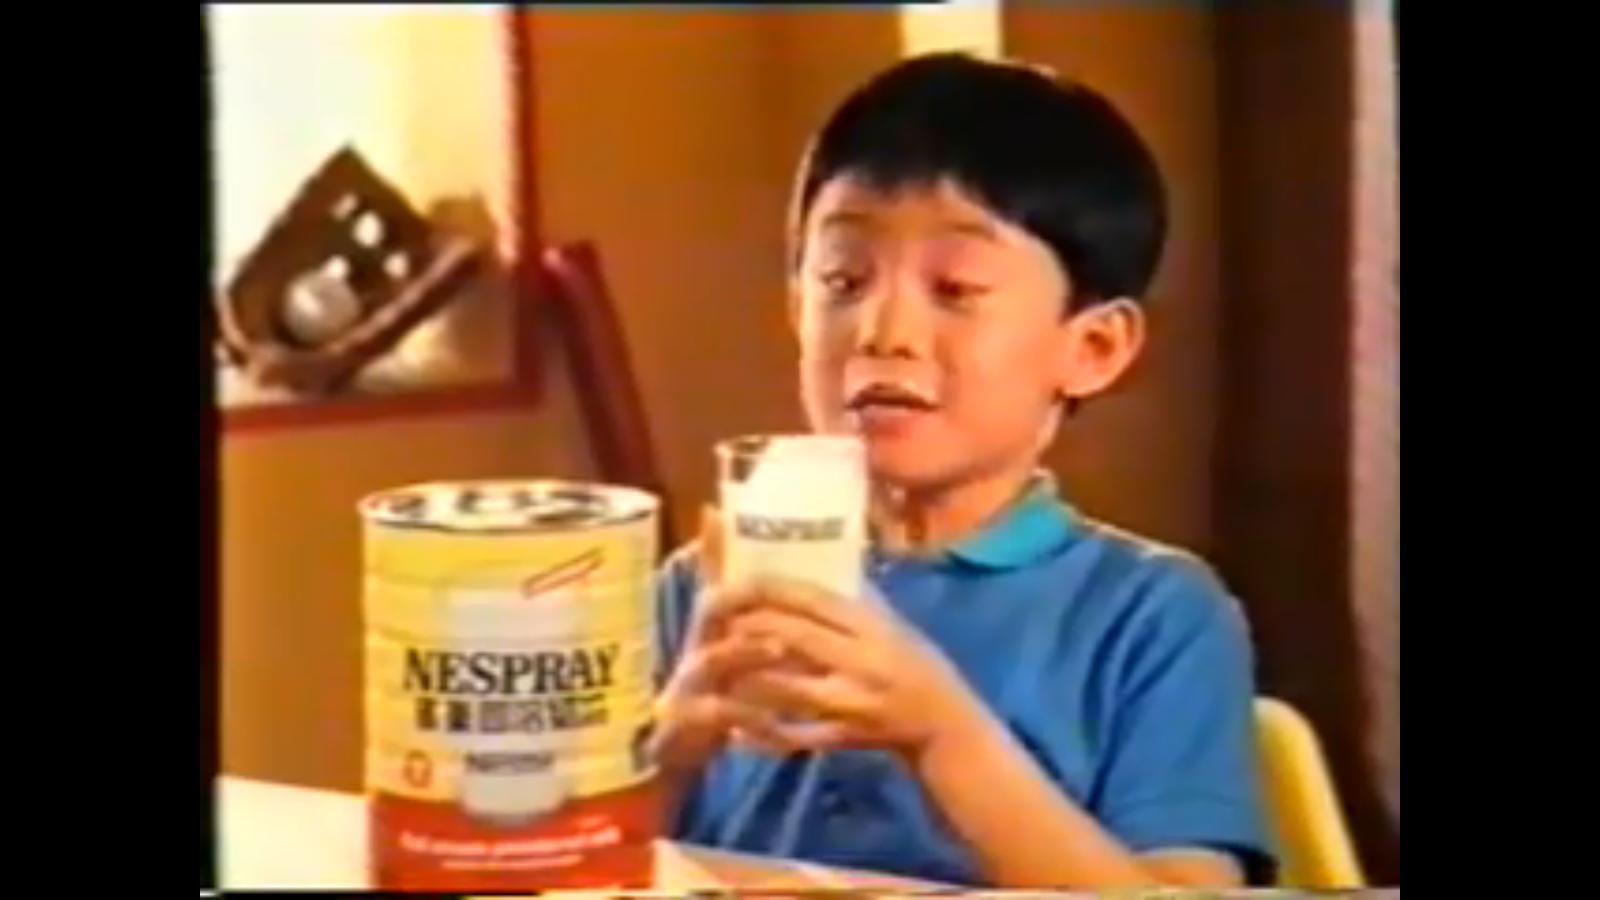 童星出身的張繼聰當年一句「住15樓養嘅牛牛」的經典廣告對白,相信是不少人的童年回憶。